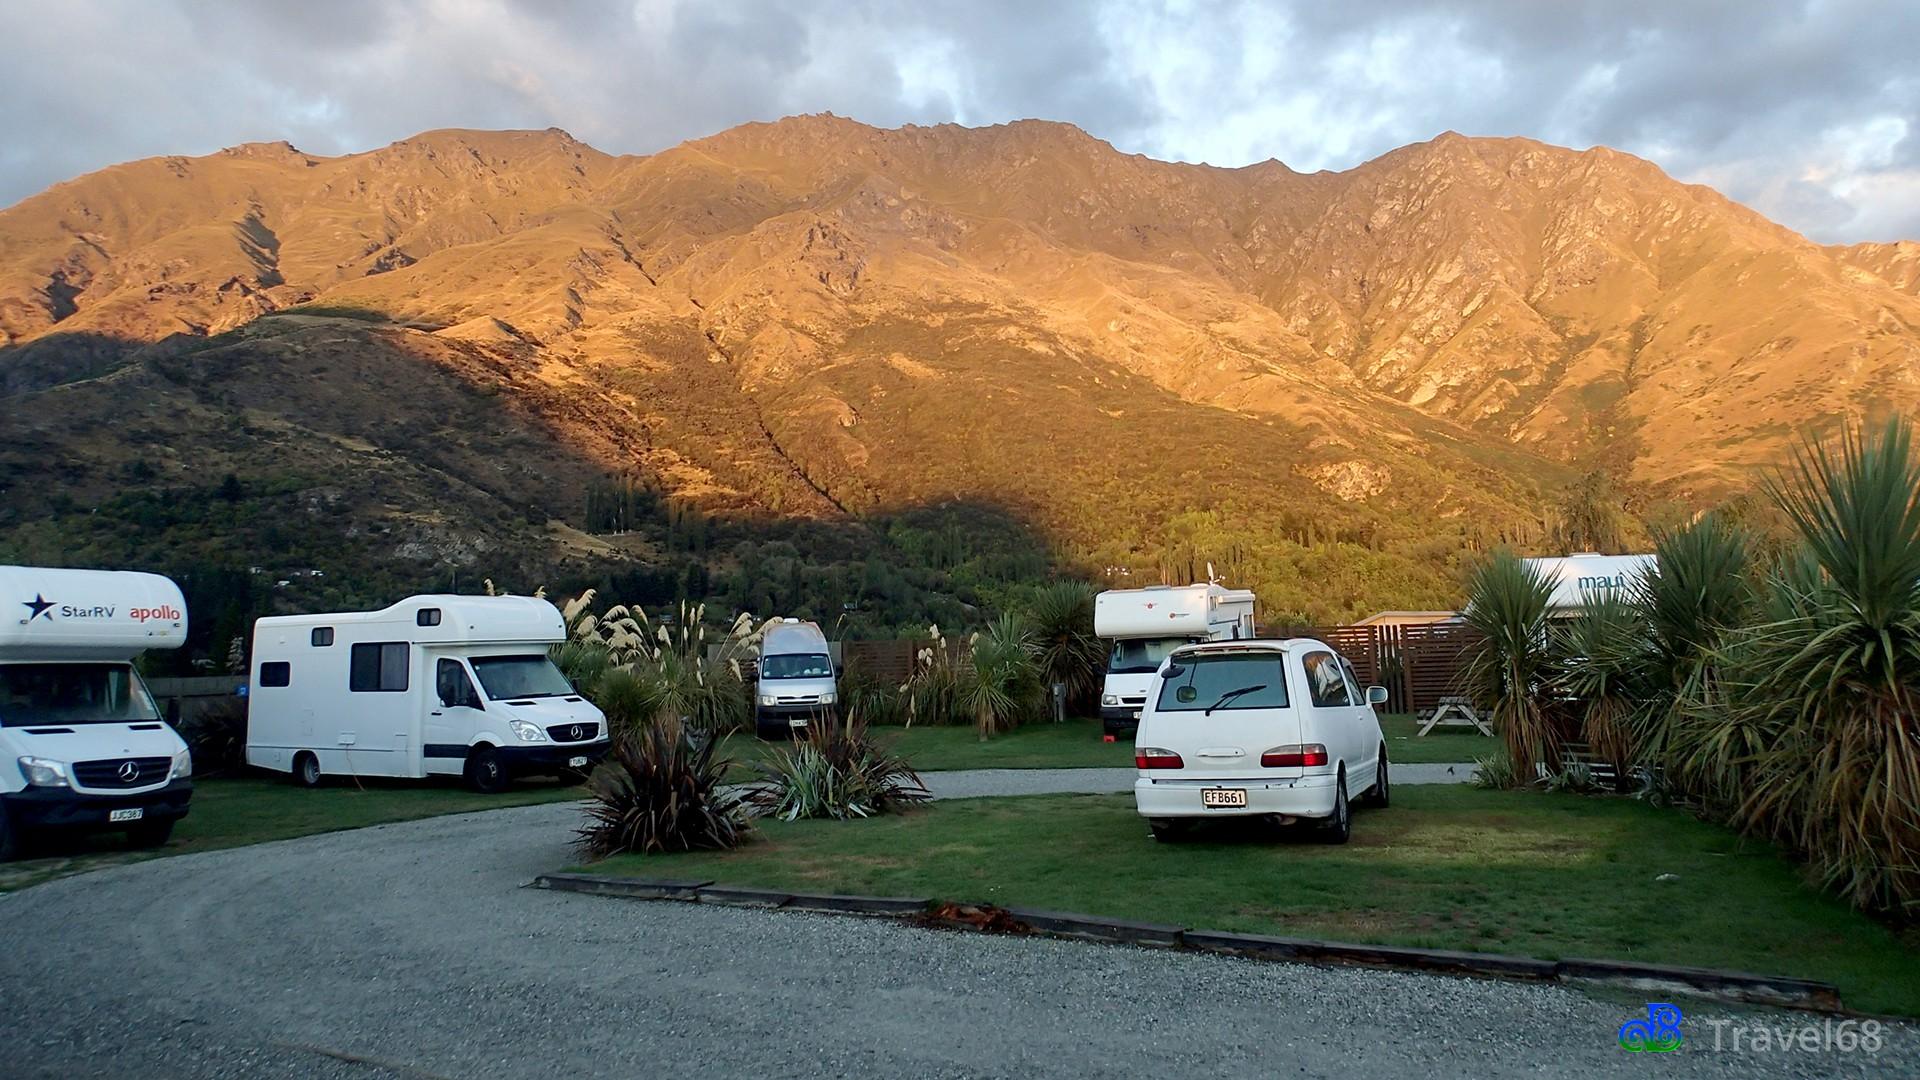 Het uitzicht 's ochtends op de camping